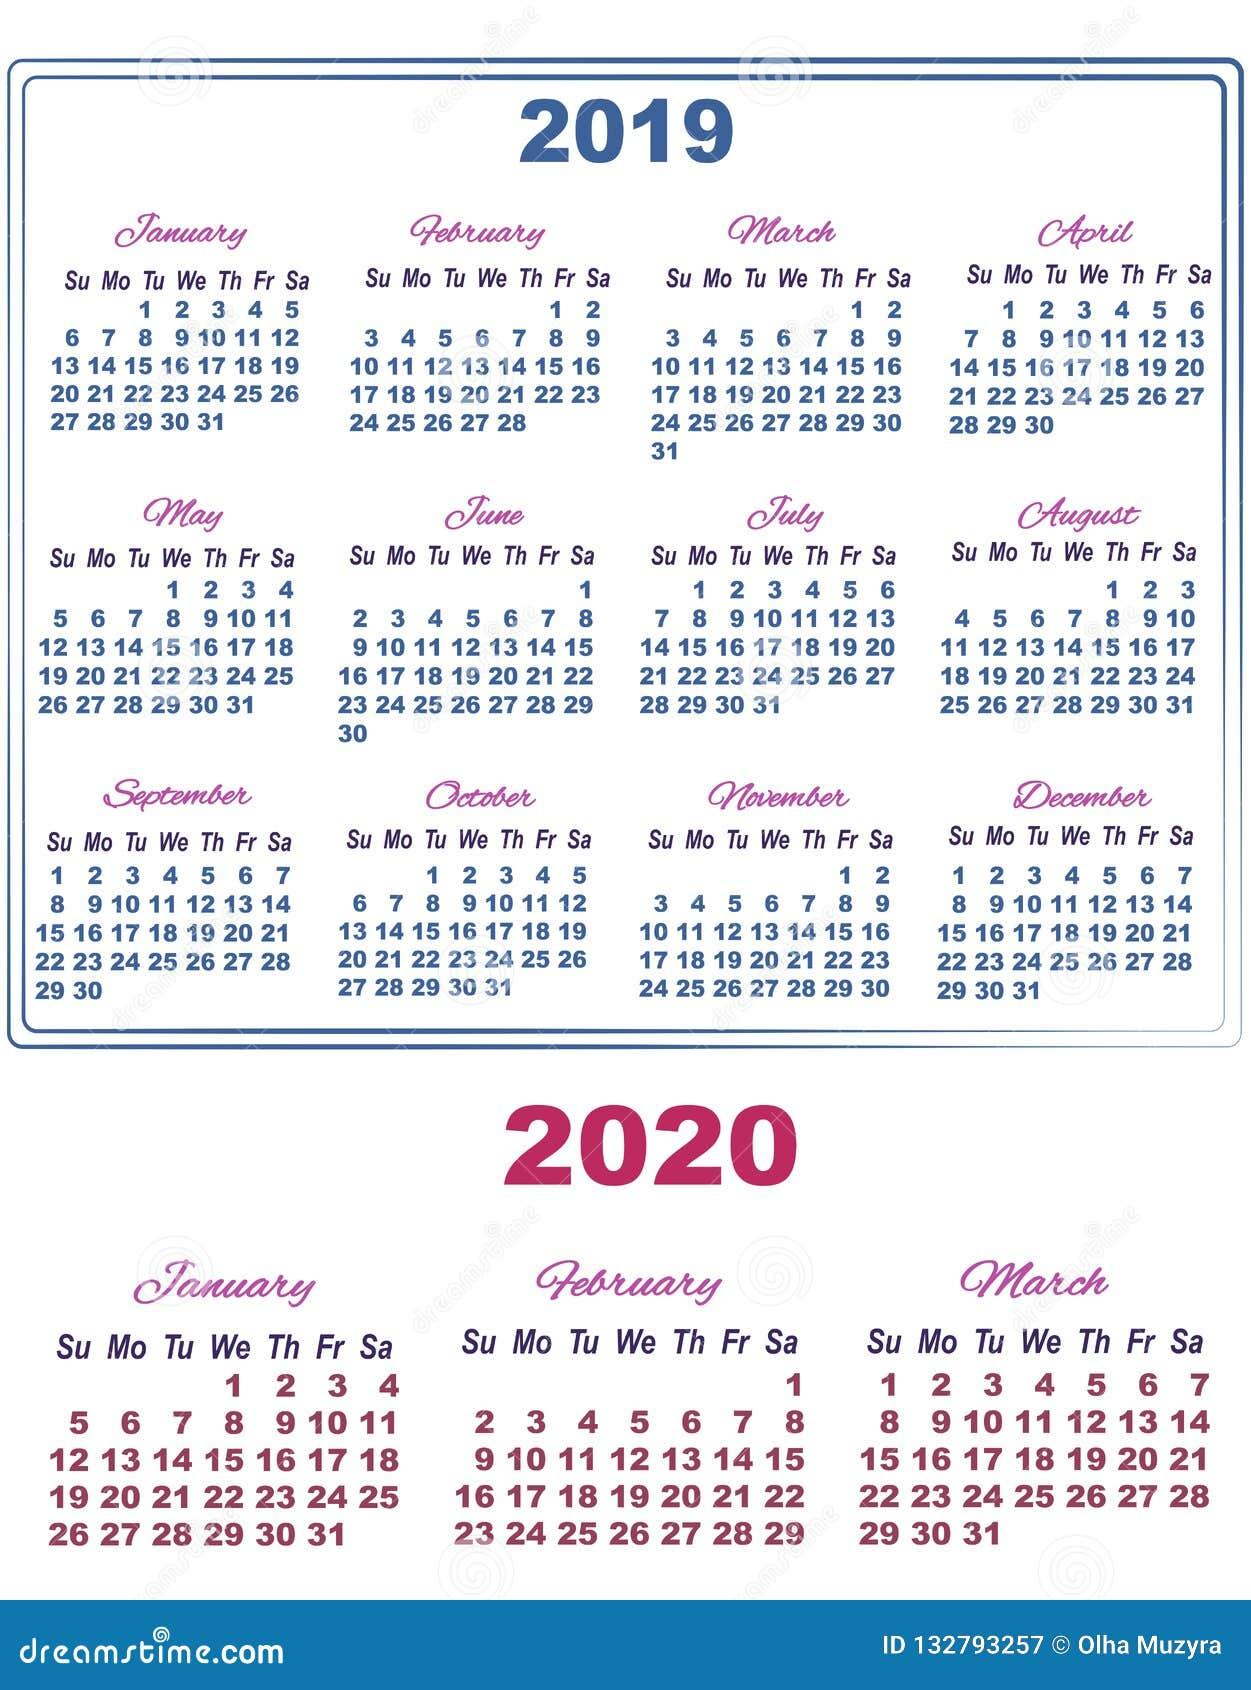 Calendario Rosa 2020.January Fabruary Stock Illustrations 5 January Fabruary